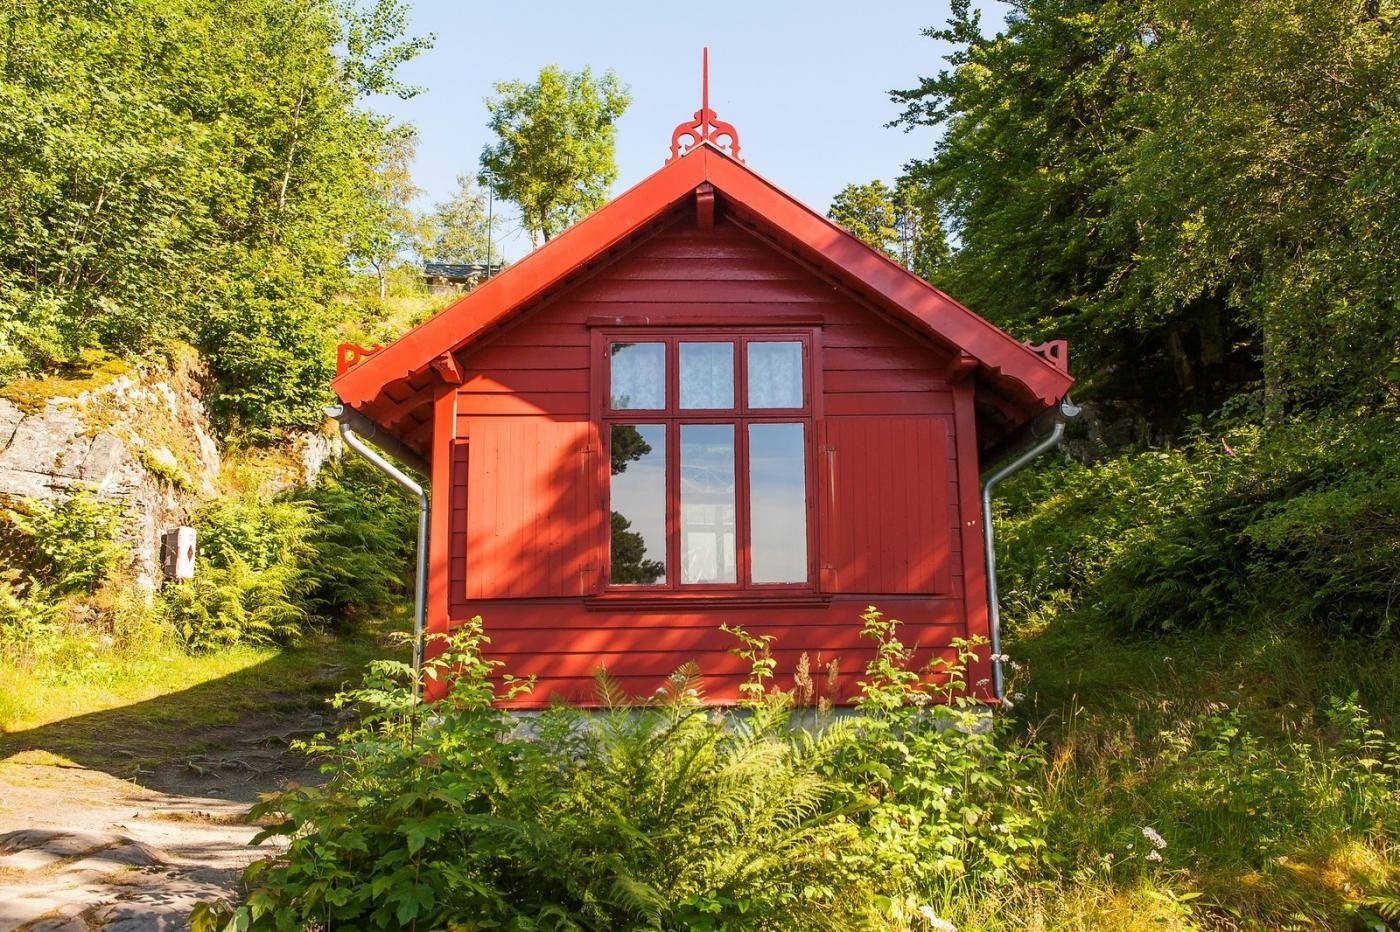 挪威作曲家爱德华-格里格,故居环境很漂亮_图1-15